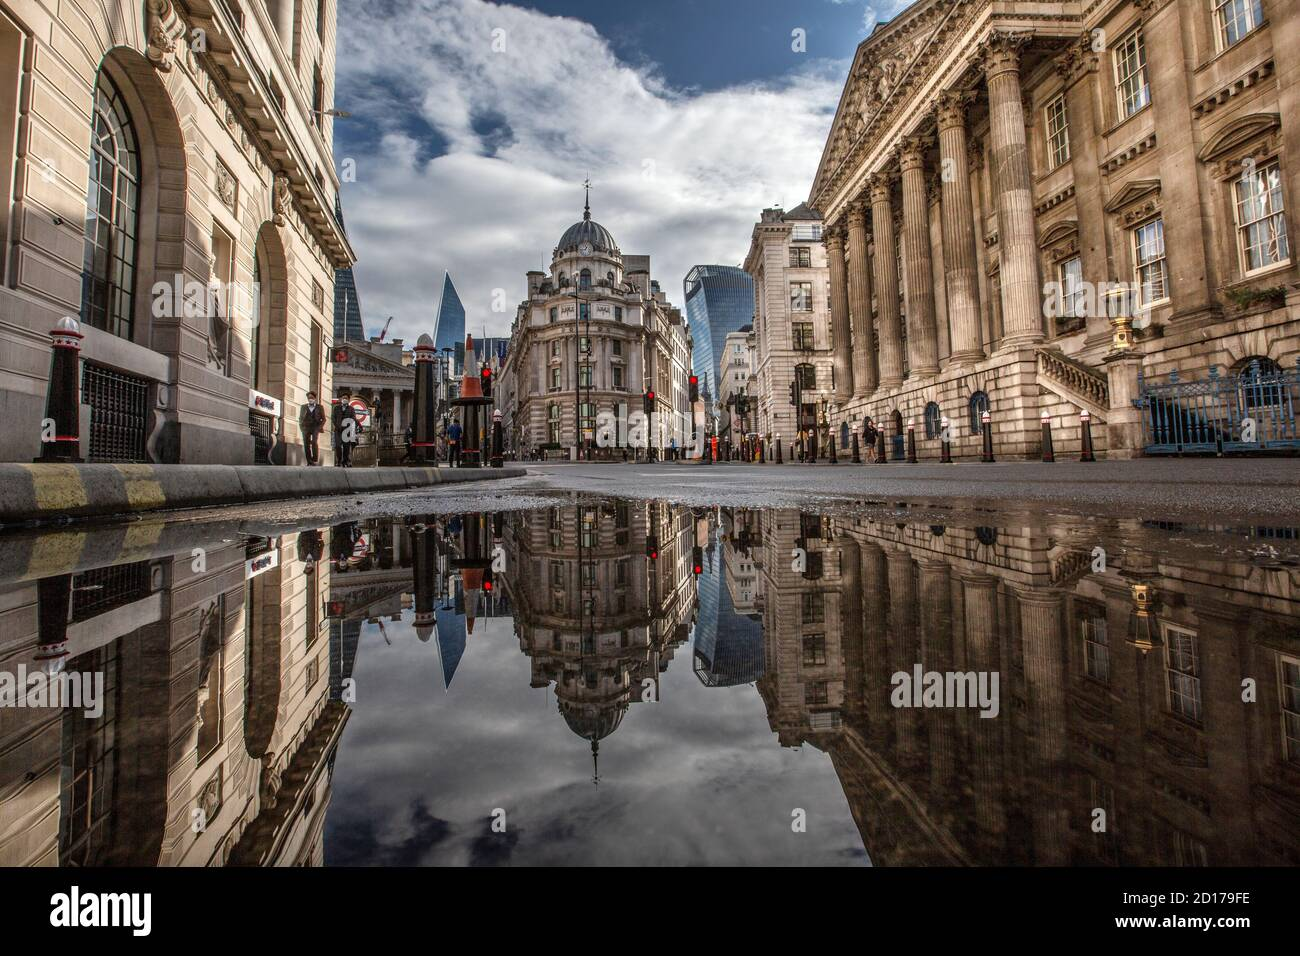 Bank of England y Royal Exchange en el corazón del distrito financiero de la ciudad de Londres reflejado en un charco en Threadneedle Street, Londres. Foto de stock